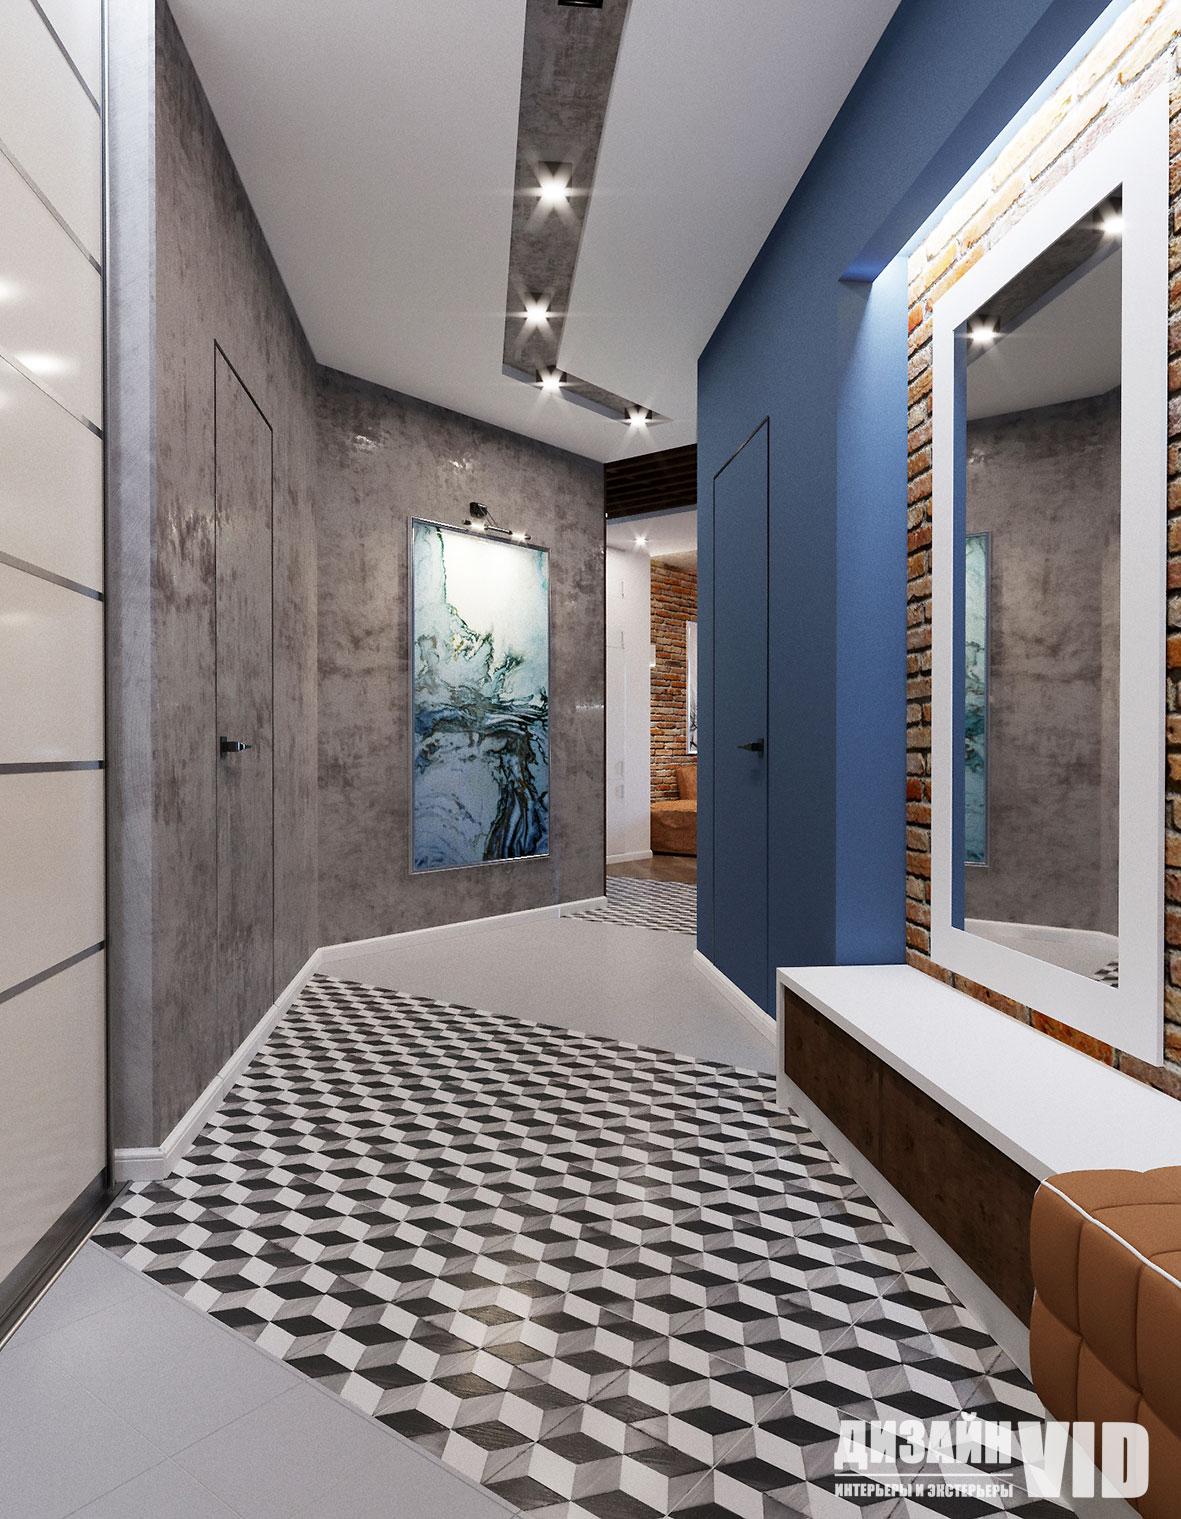 Современный коридор и смелые цветовые сочетания